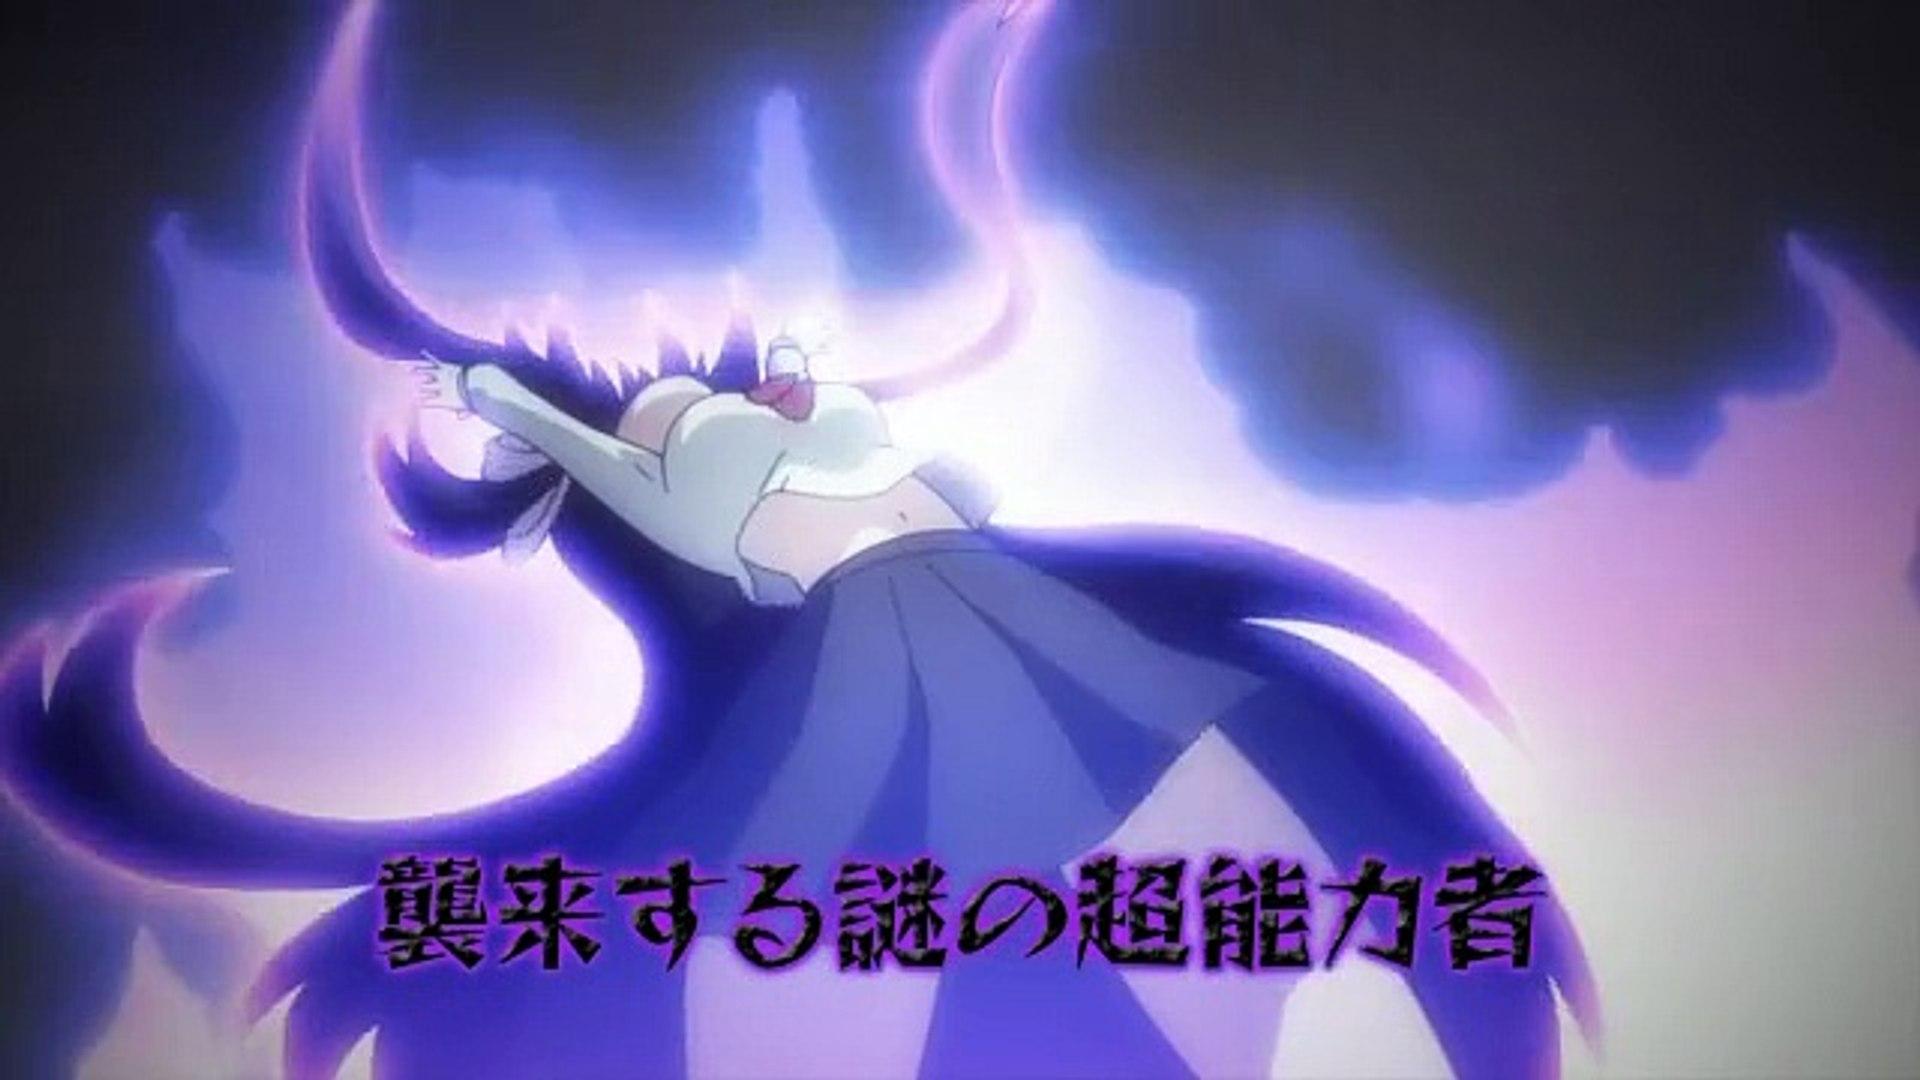 ワガママハイスペック 第10話 Video Dailymotion